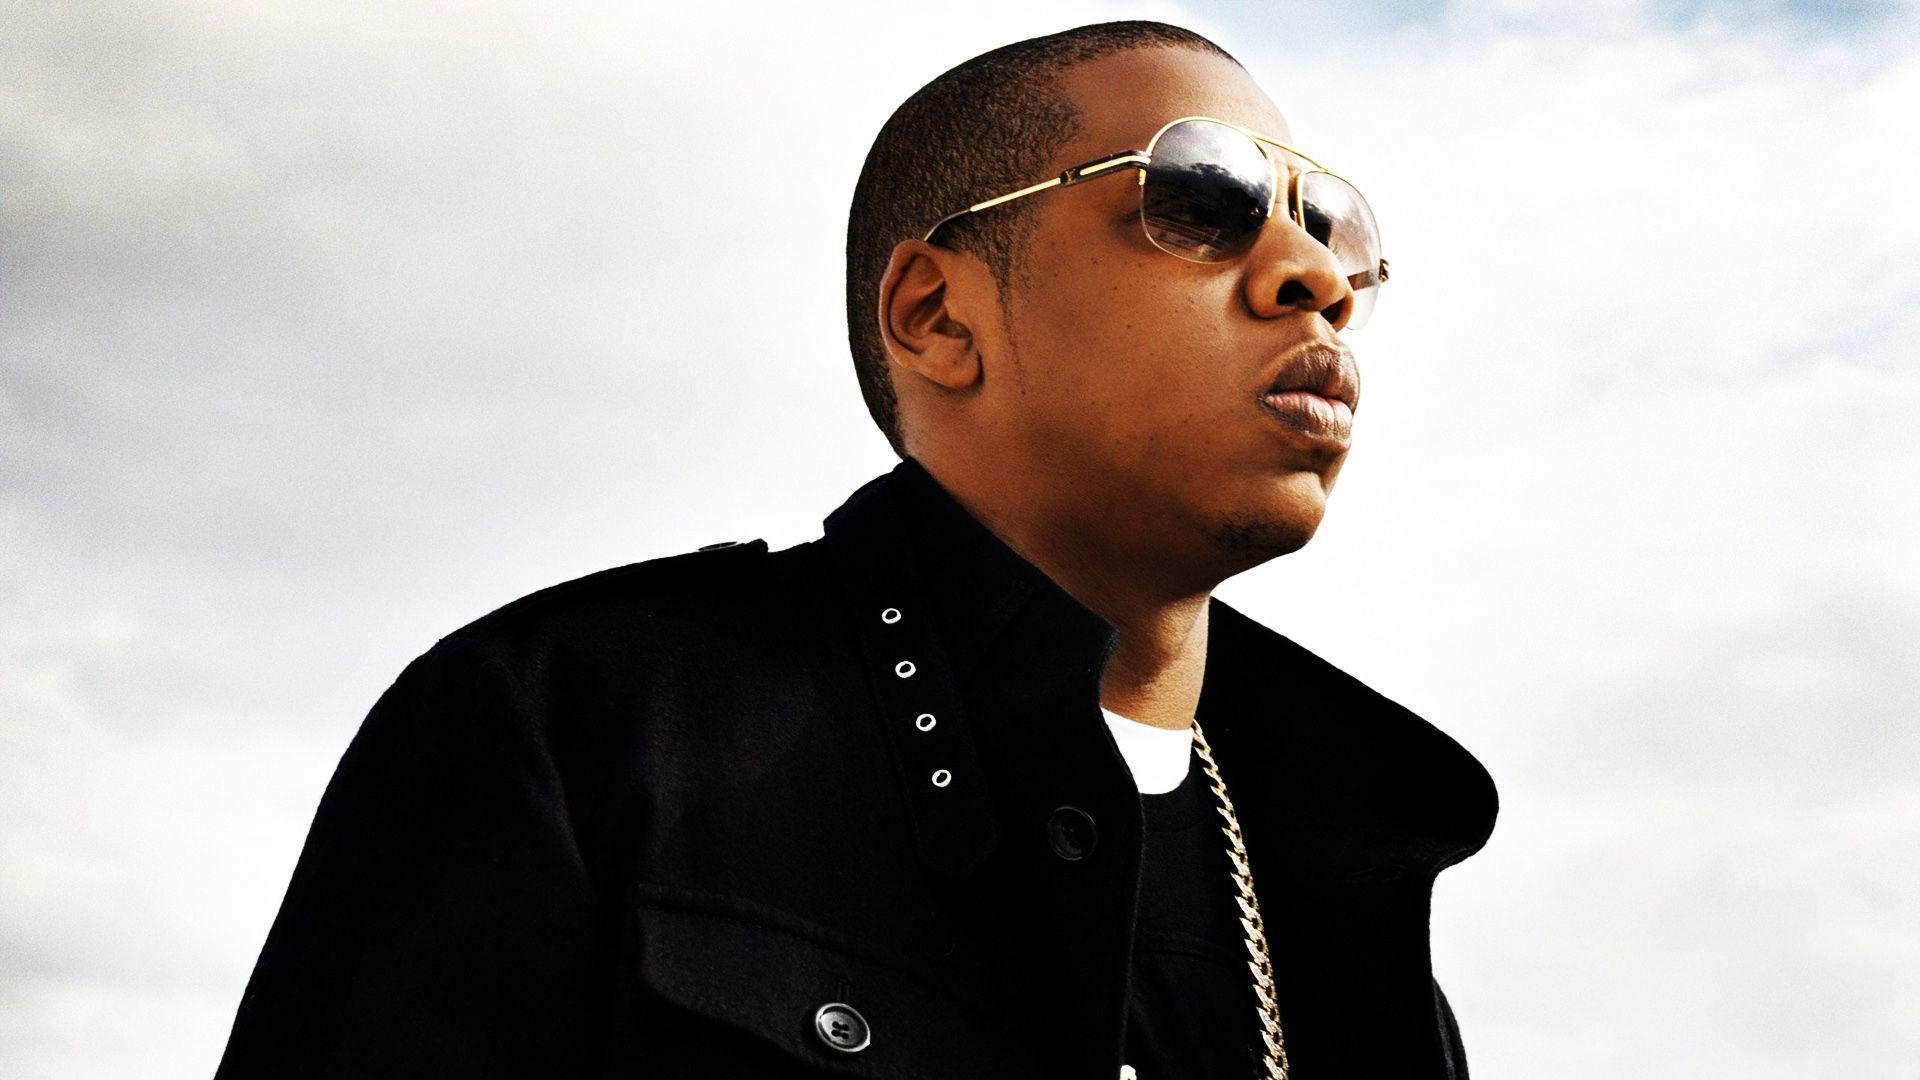 Jay Z free hd wallpaper